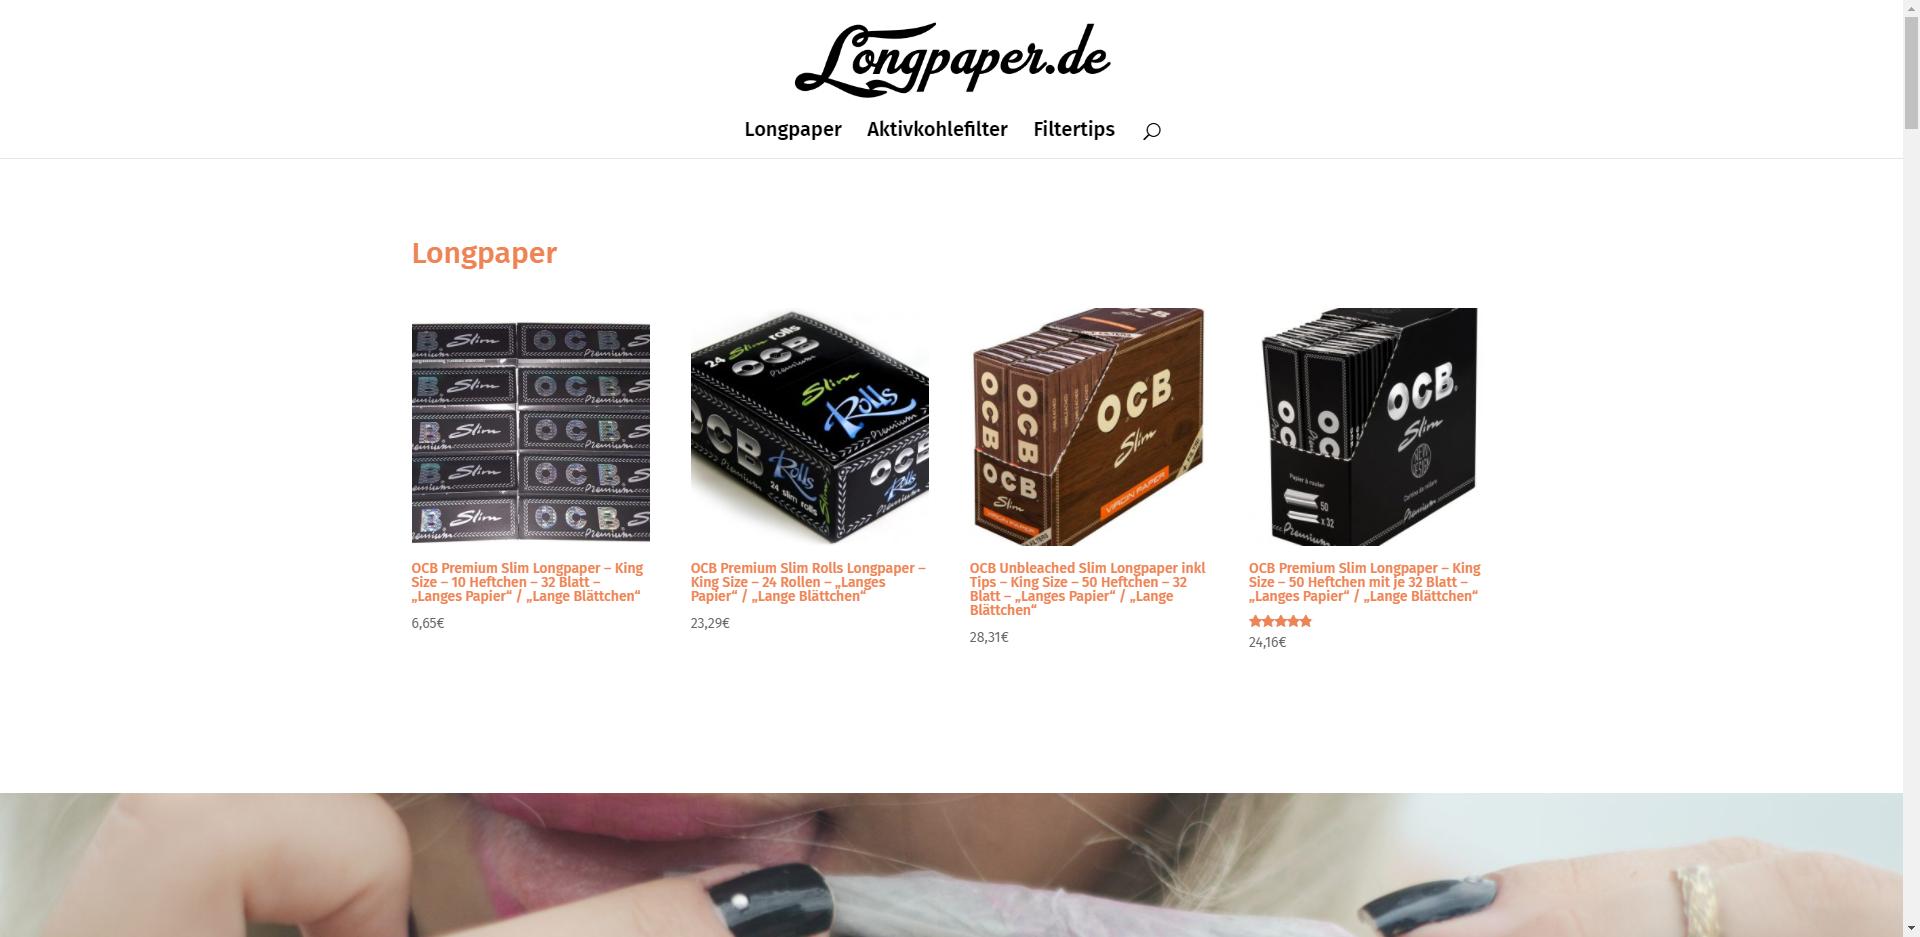 longpaper.de